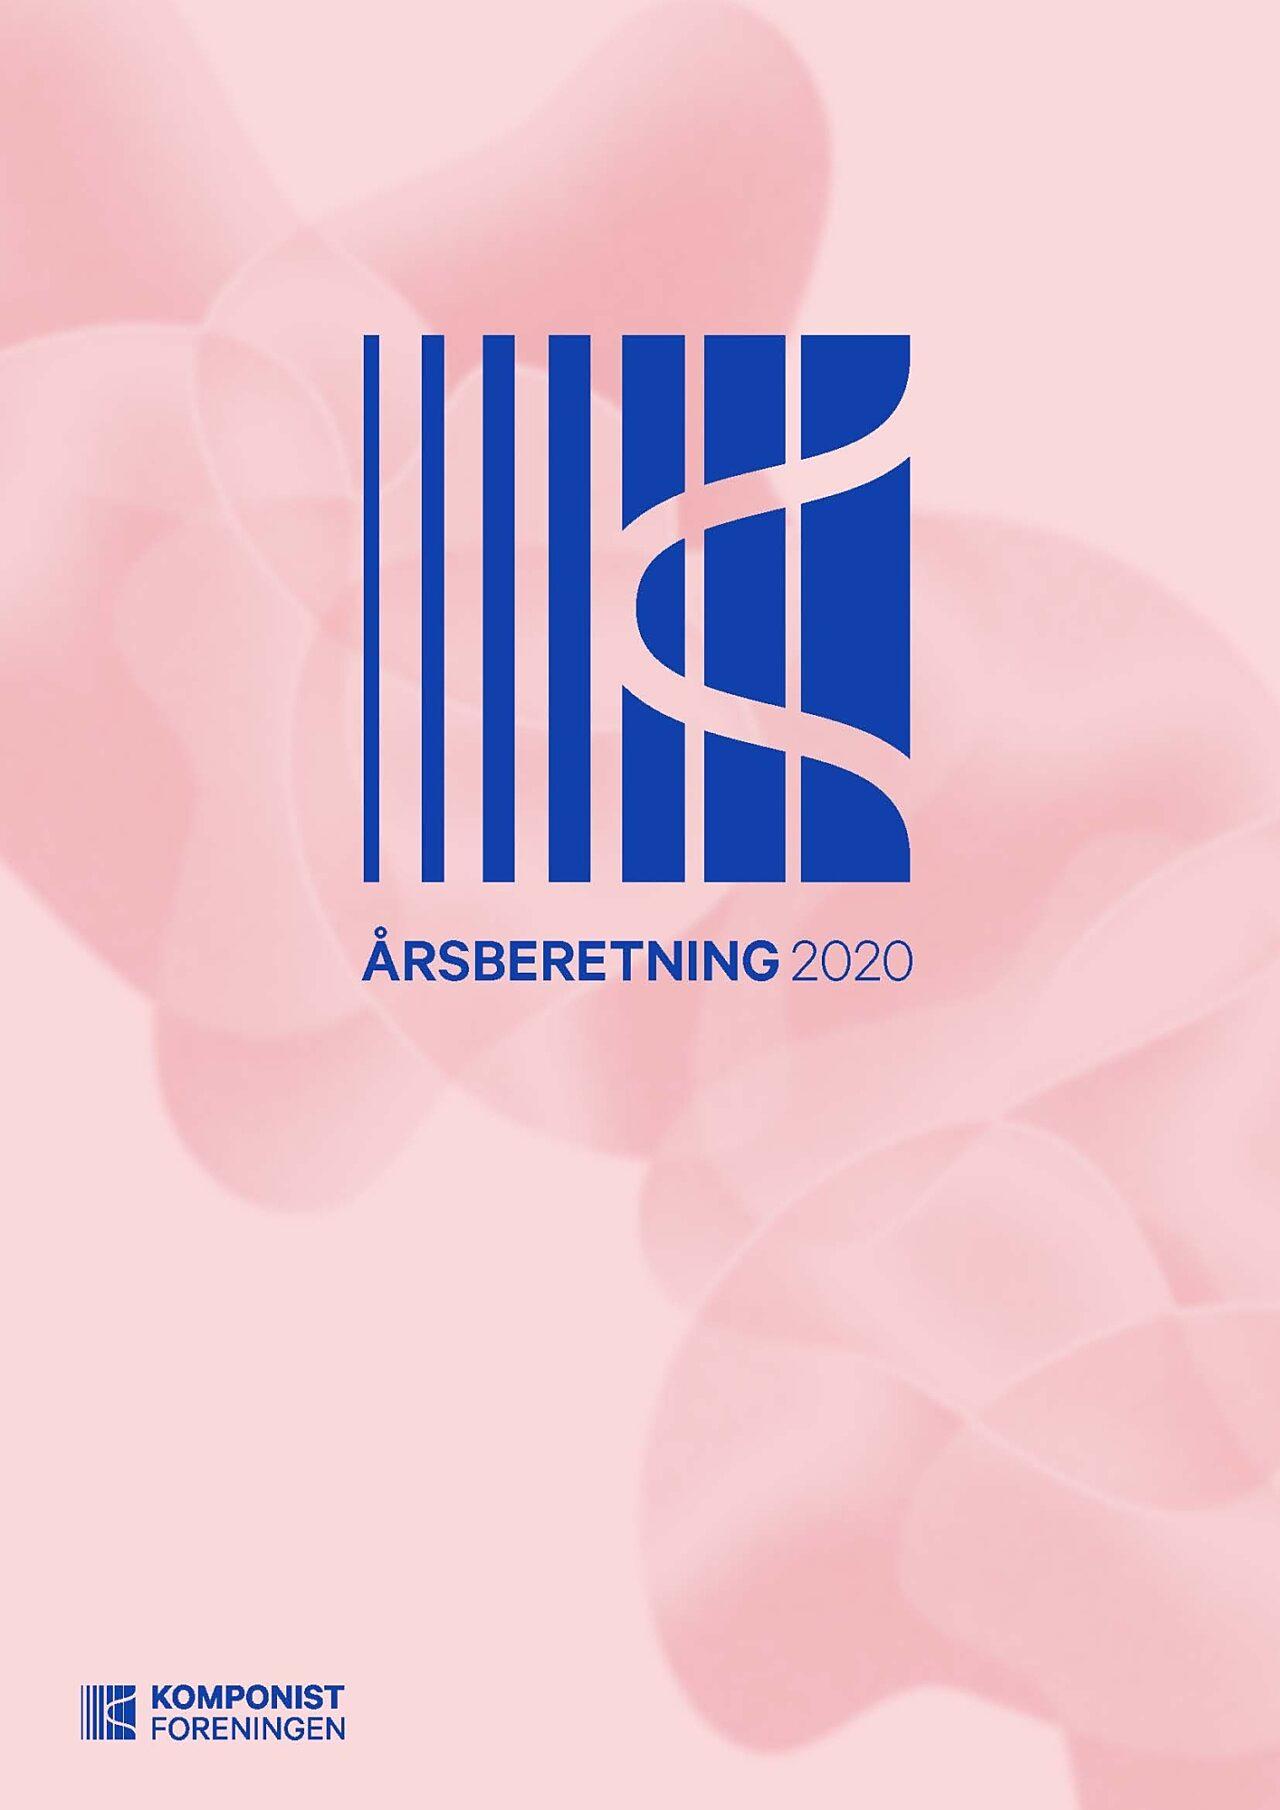 Årsberetning forside 2020